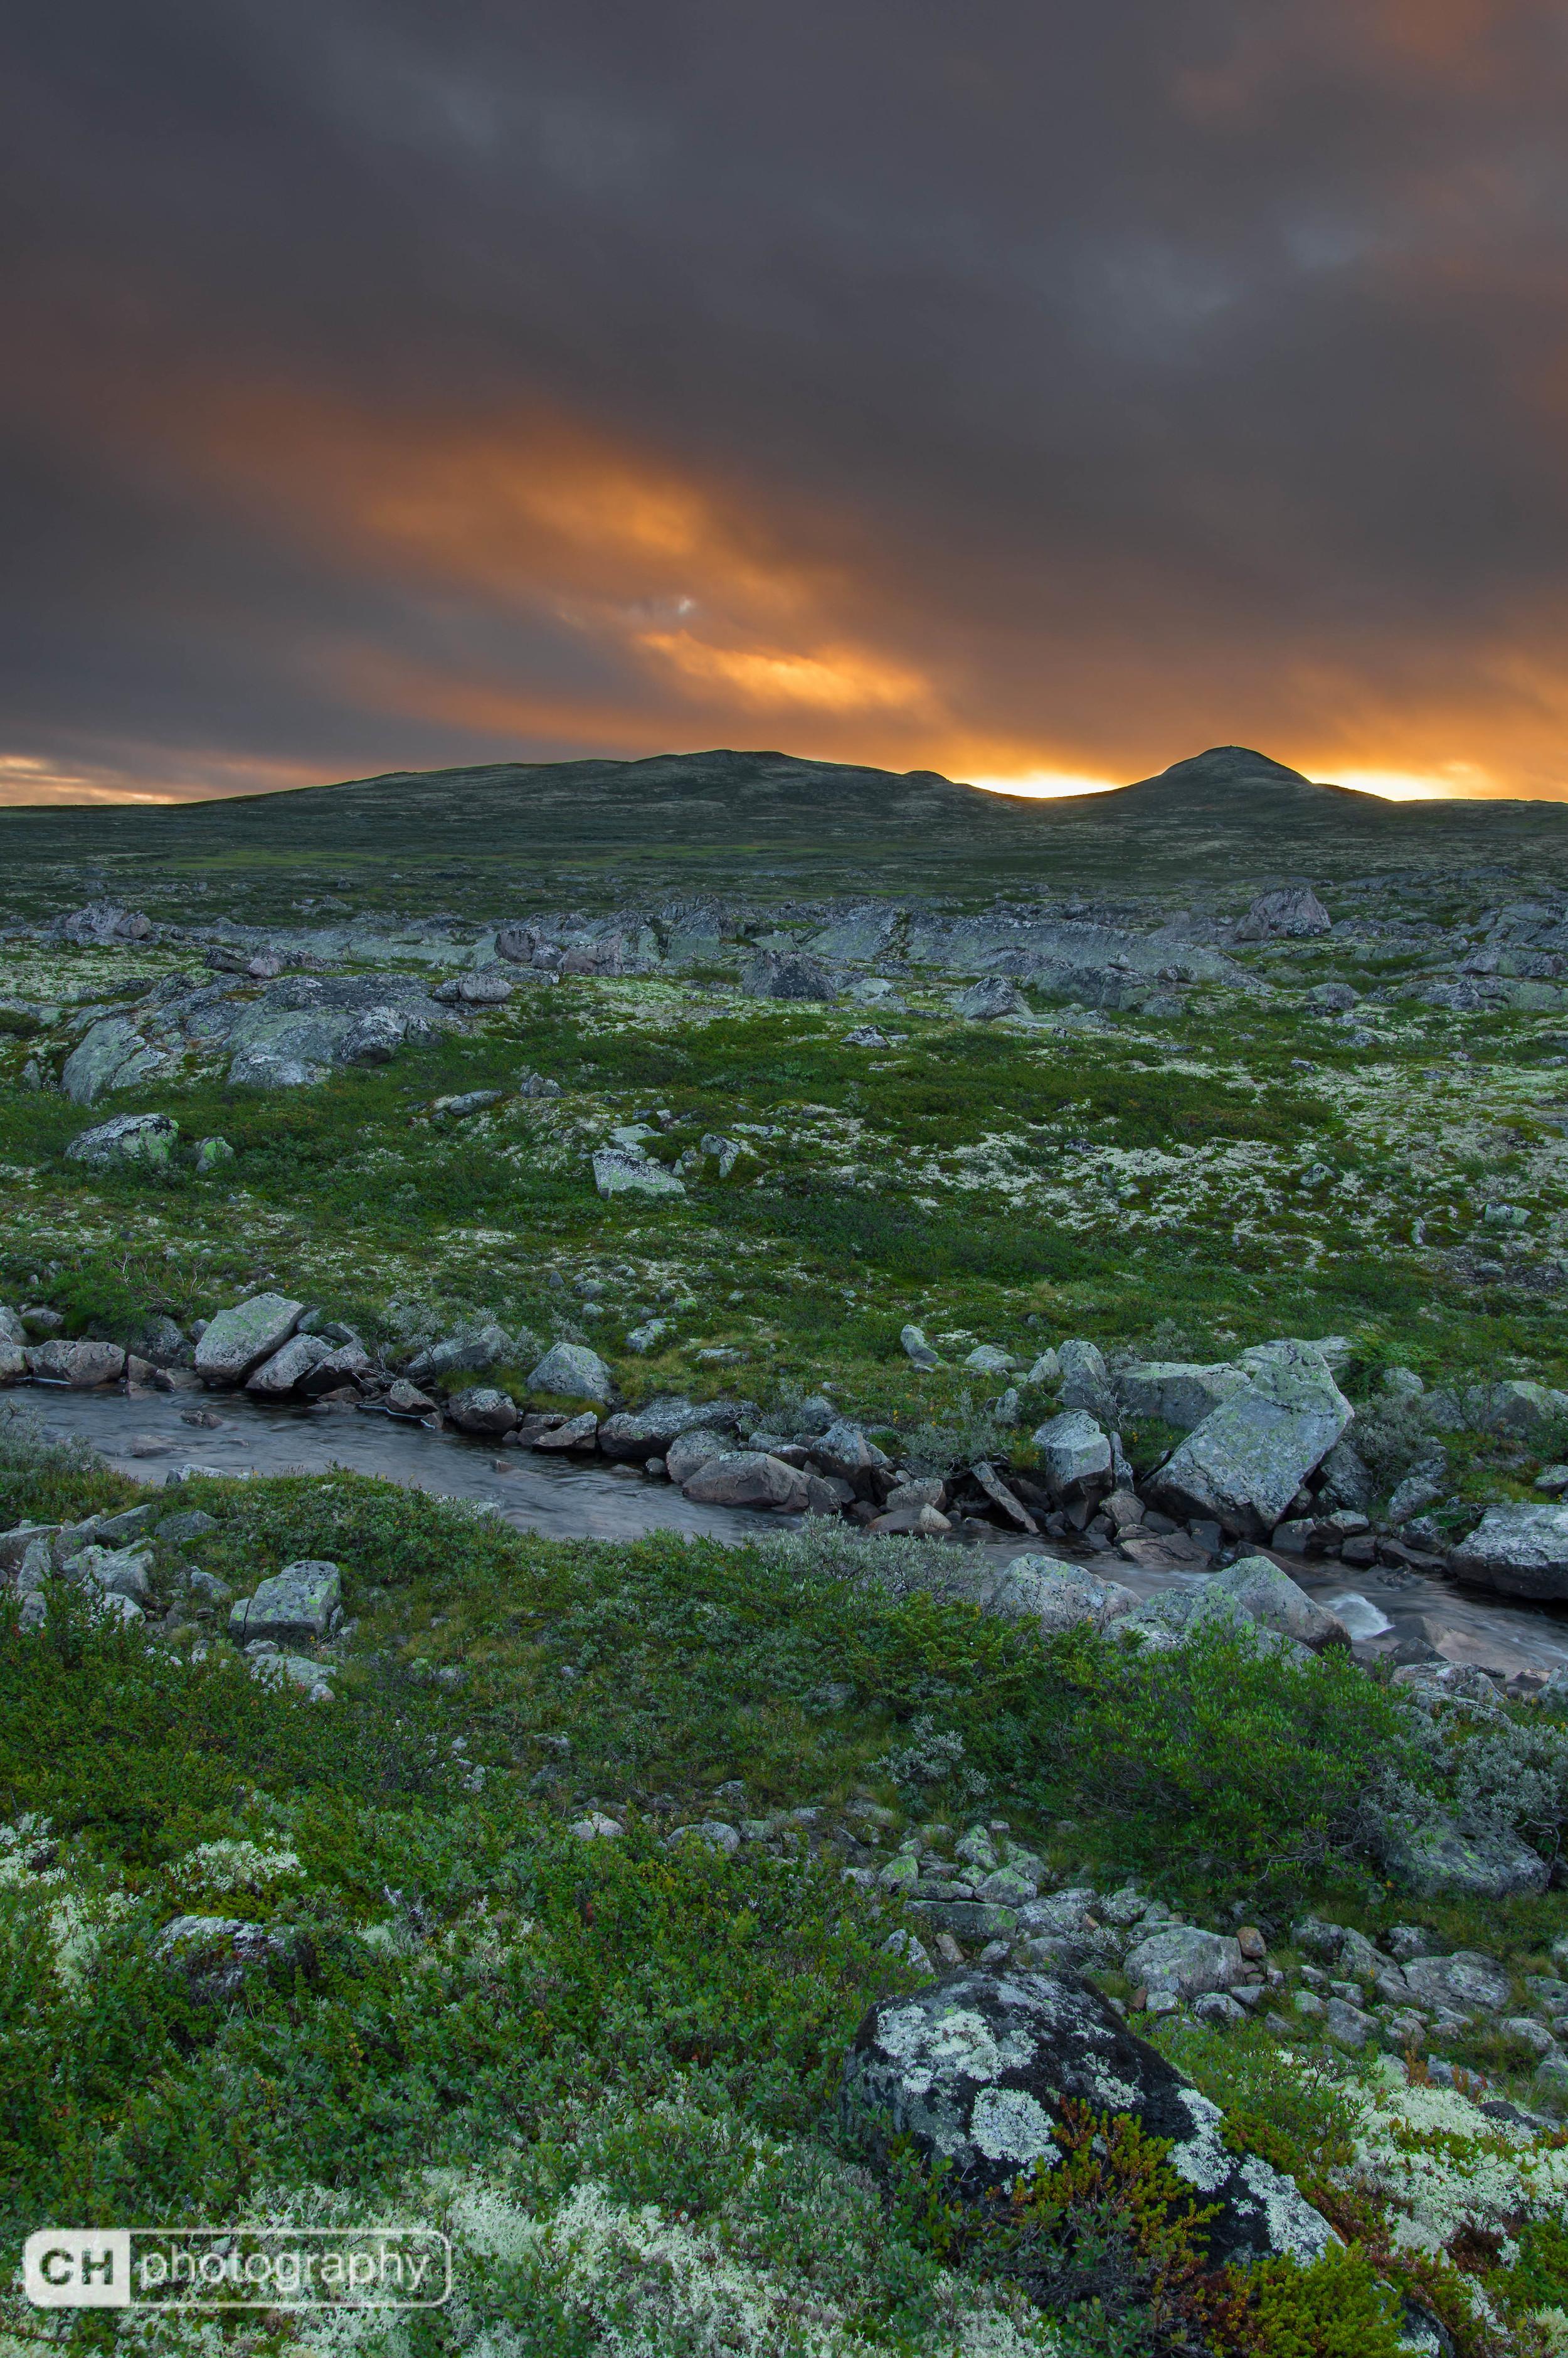 Sunrise over Norwegian landscape